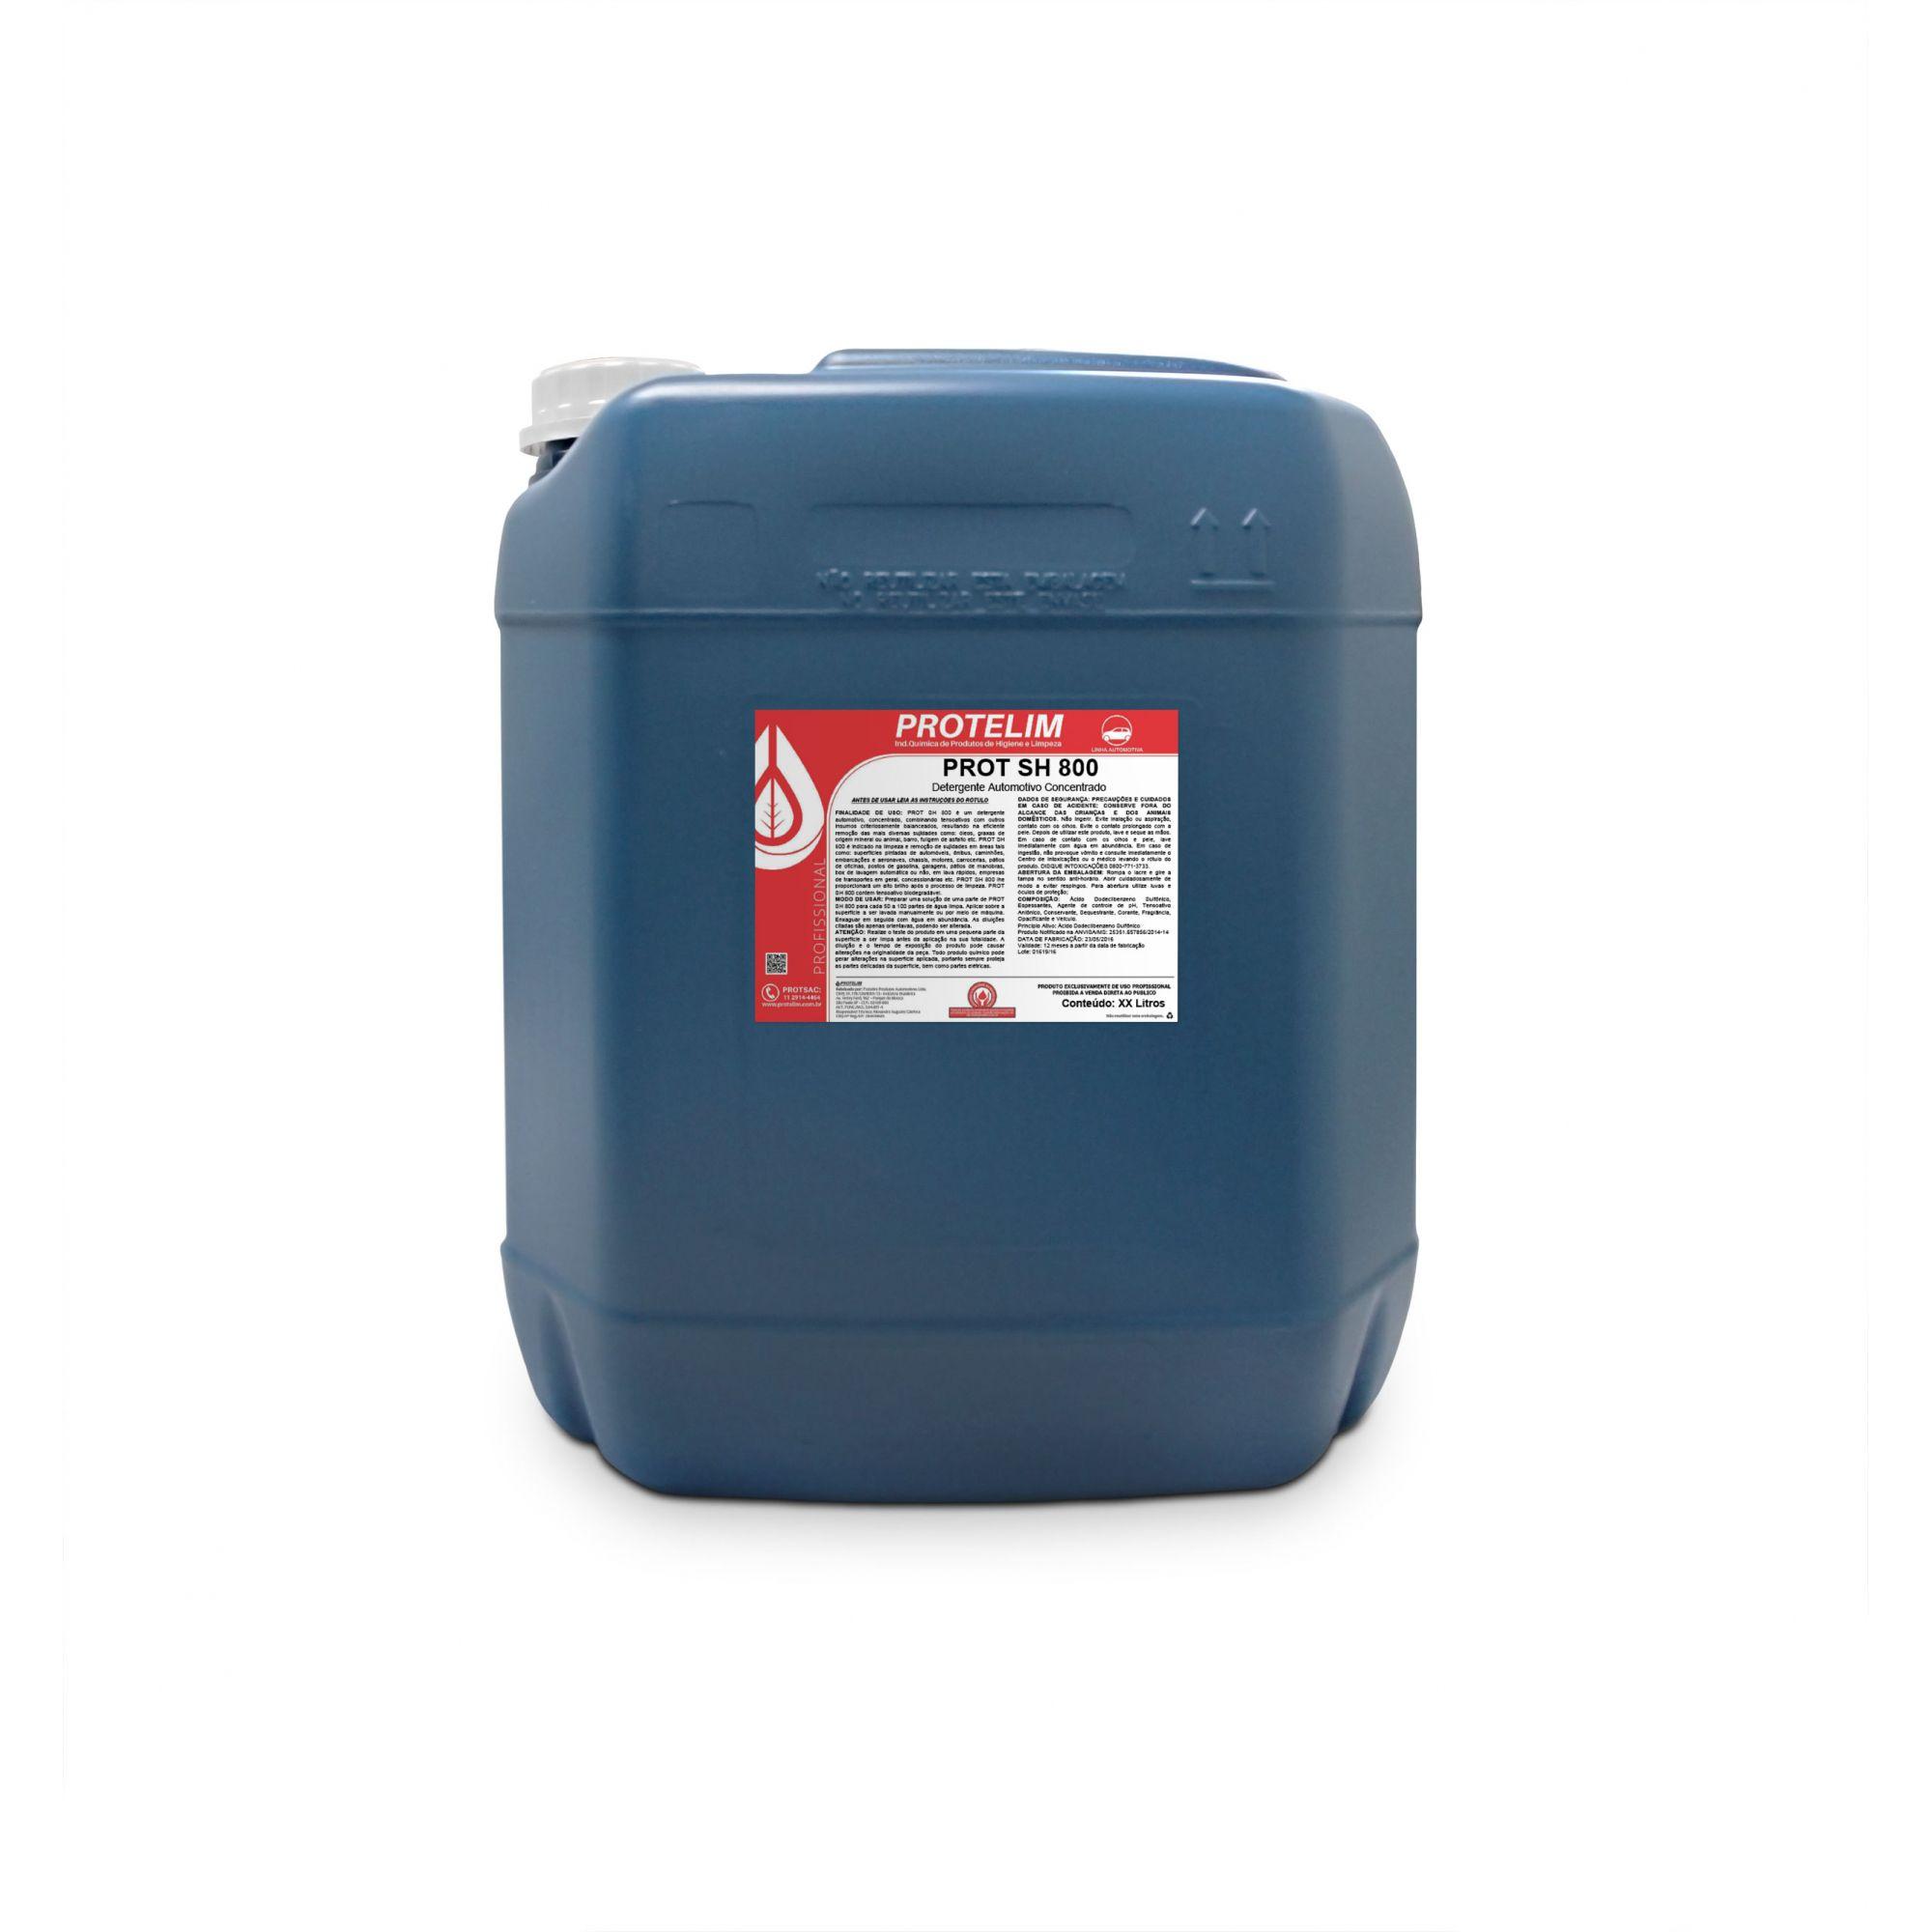 Shampoo Amarelo Prot Sh 800 PROTELIM 20L